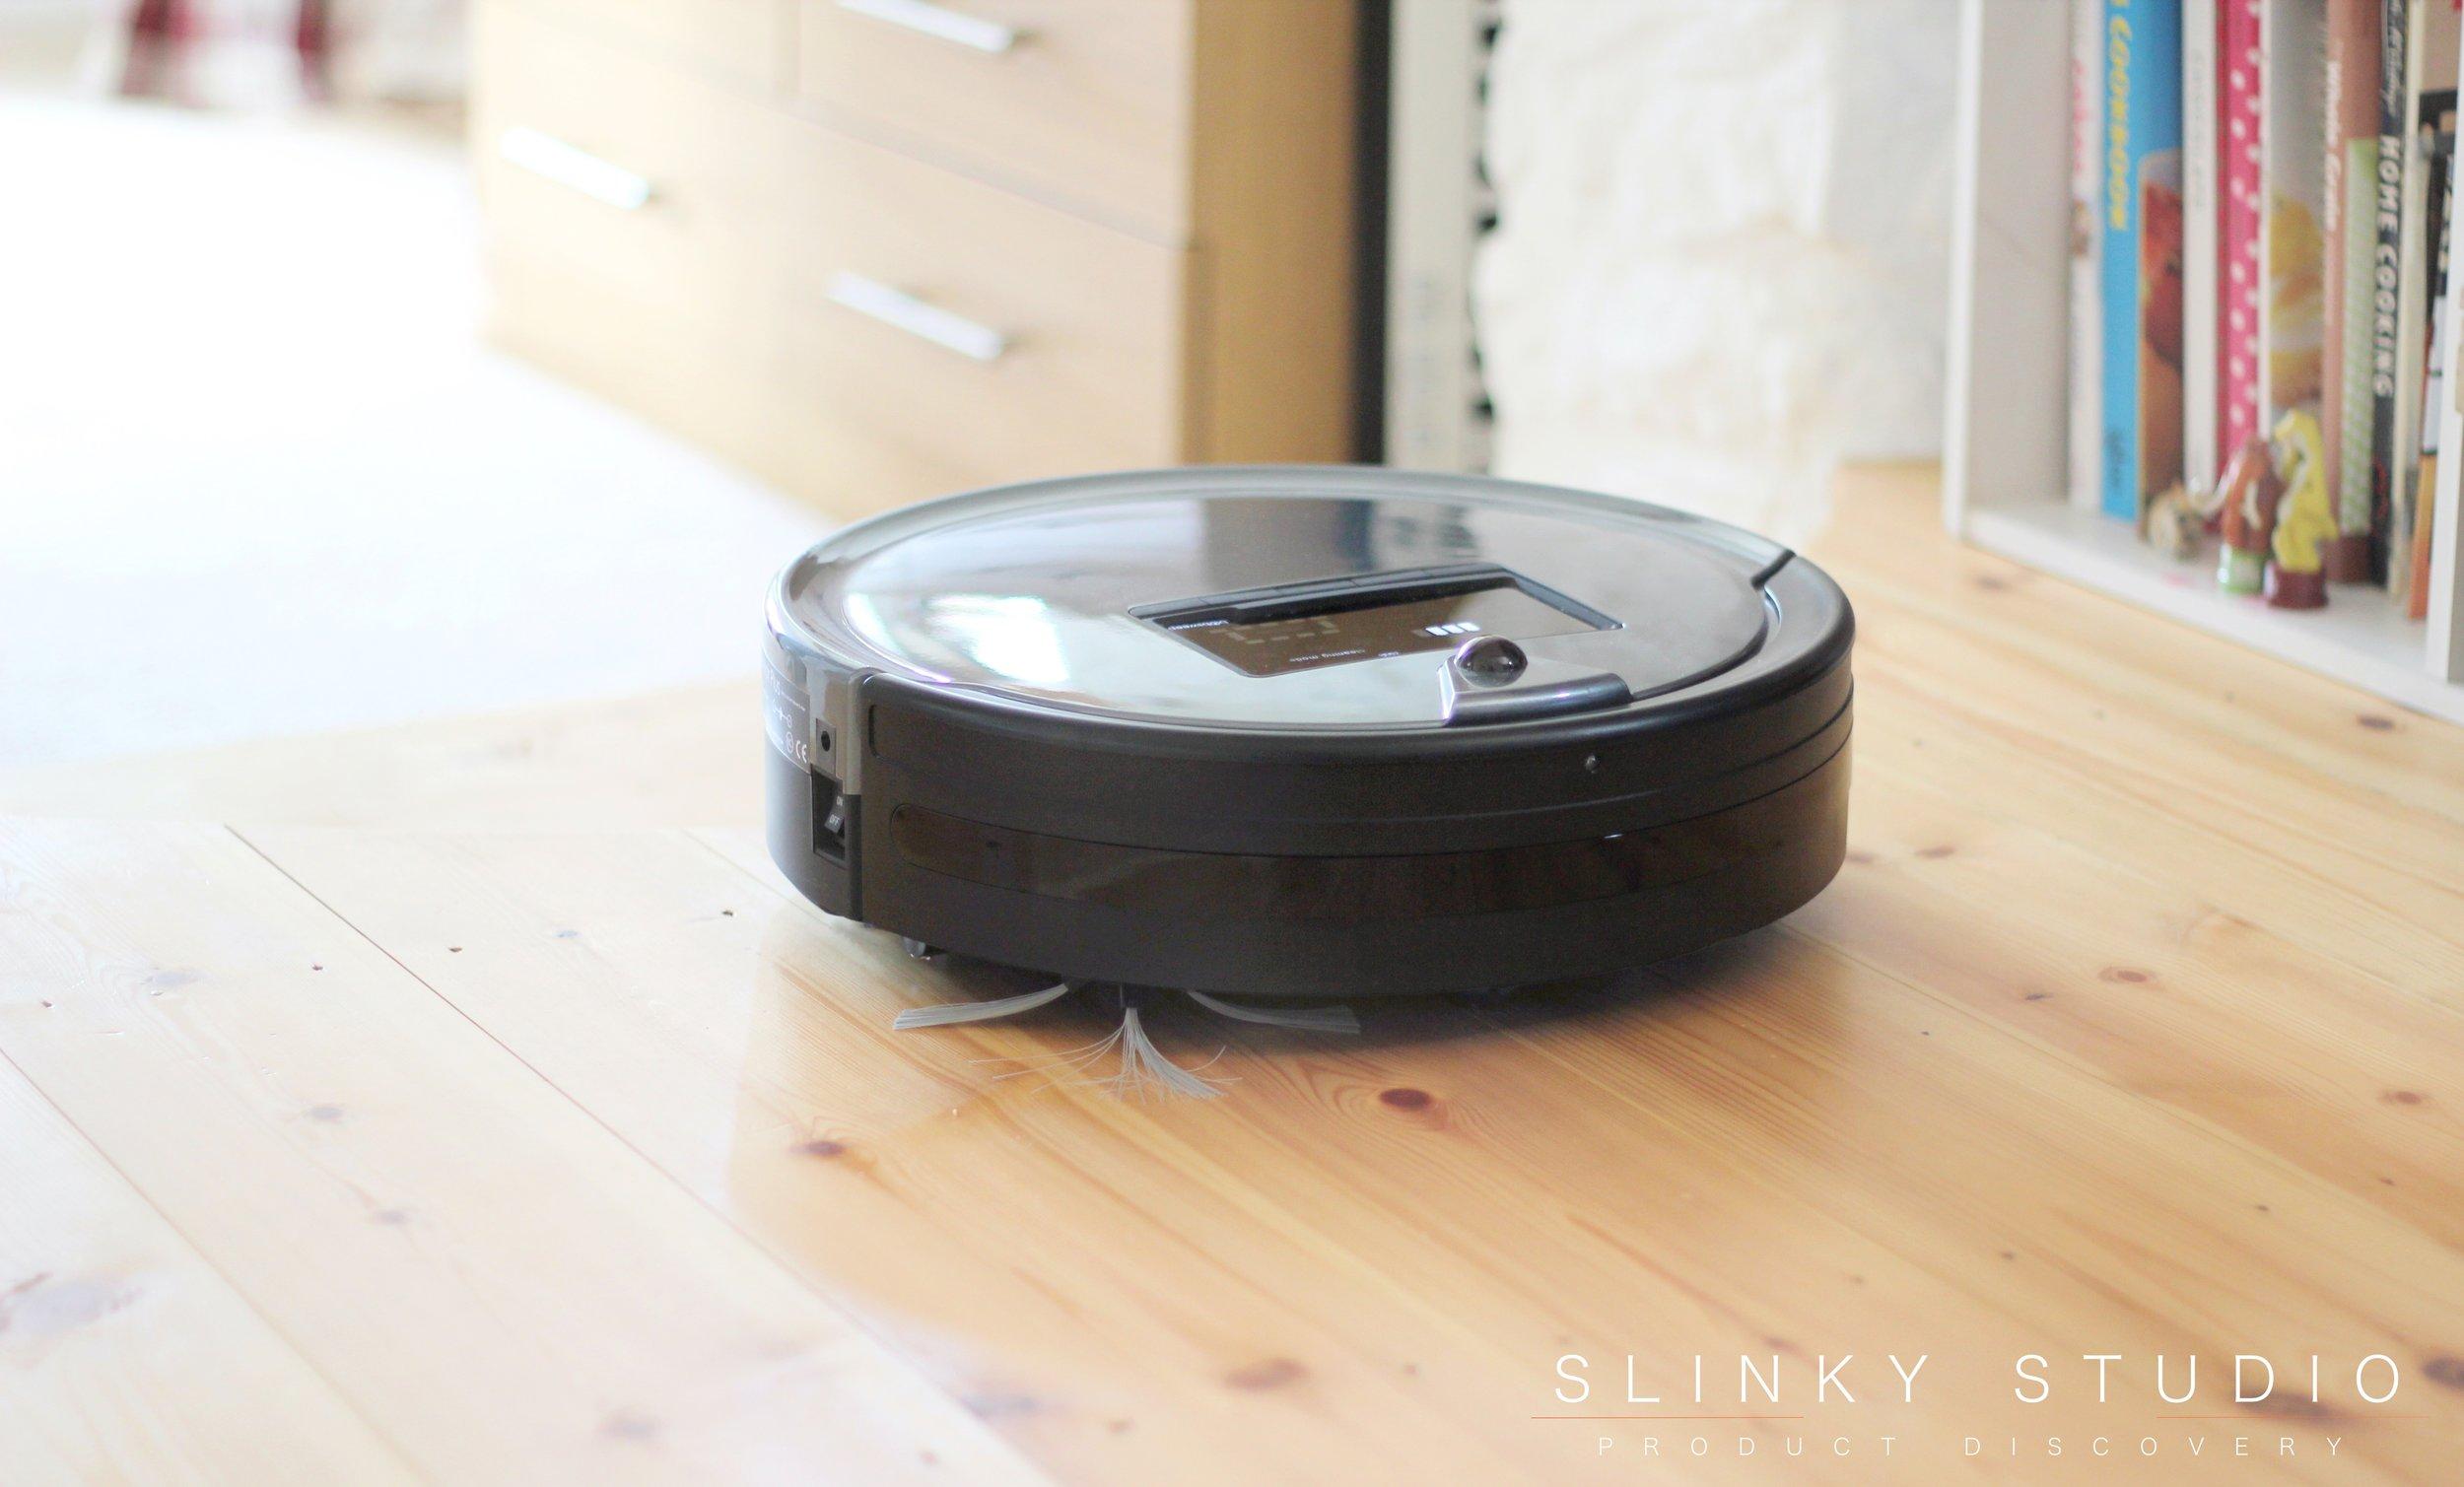 bObsweep PetHair Plus Robot Vacuum Cleaner Wooden Flooring.jpg